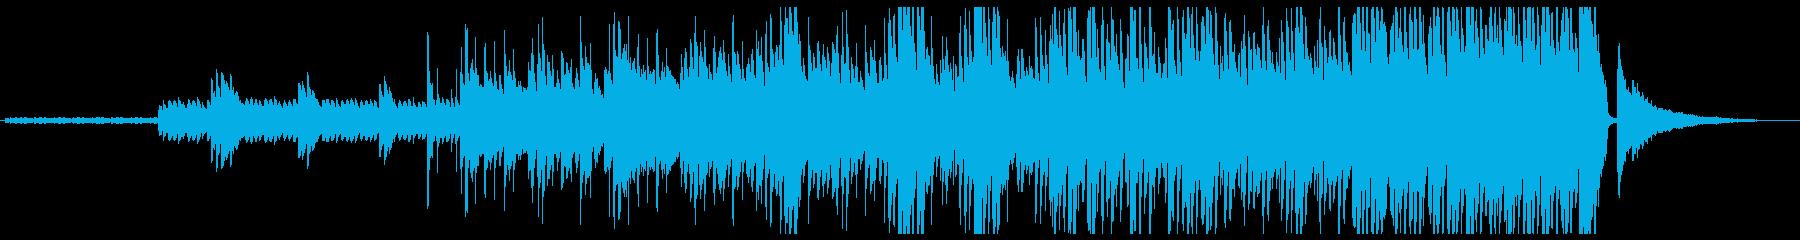 幻想的なピアノとドラムのポリリズム楽曲の再生済みの波形